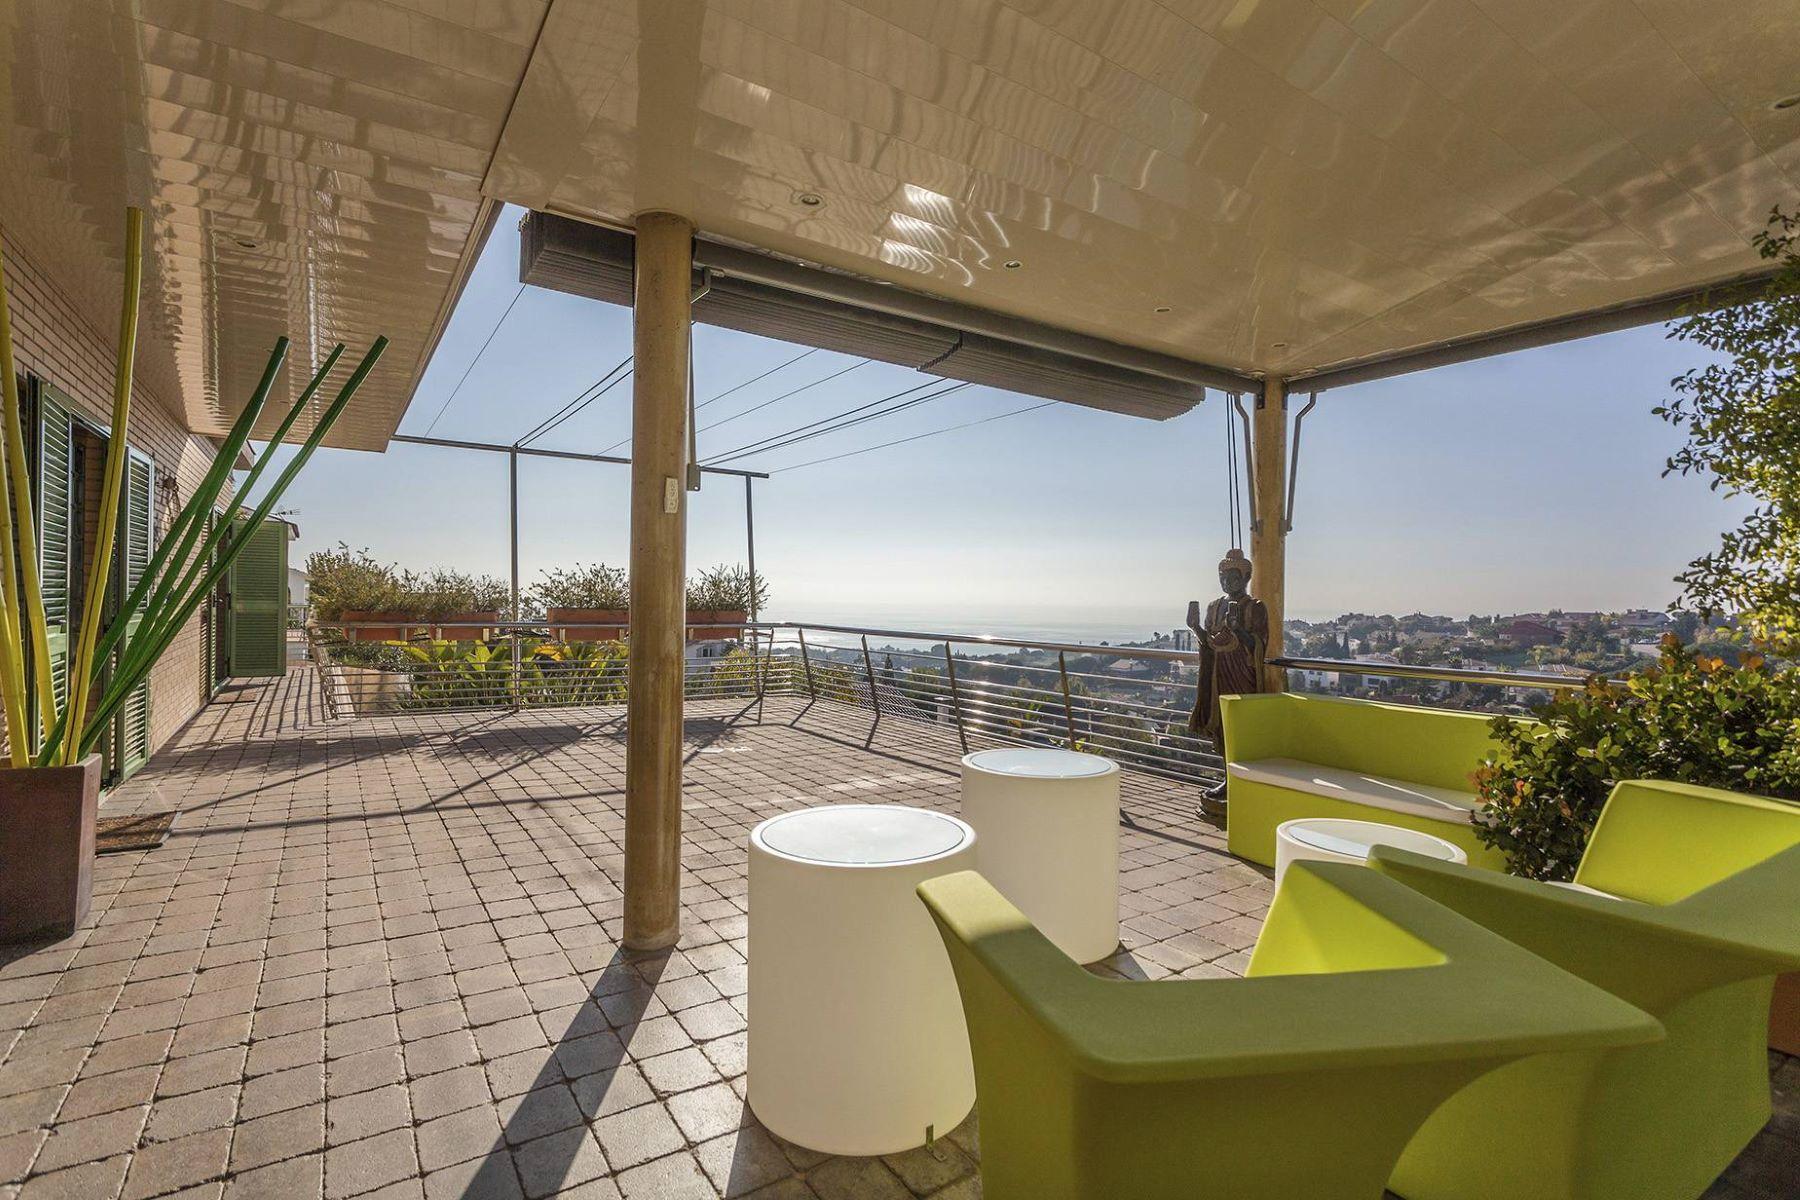 独户住宅 为 销售 在 Spacious house in excellent condition with sea views Teia, 巴塞罗那, 08329 西班牙